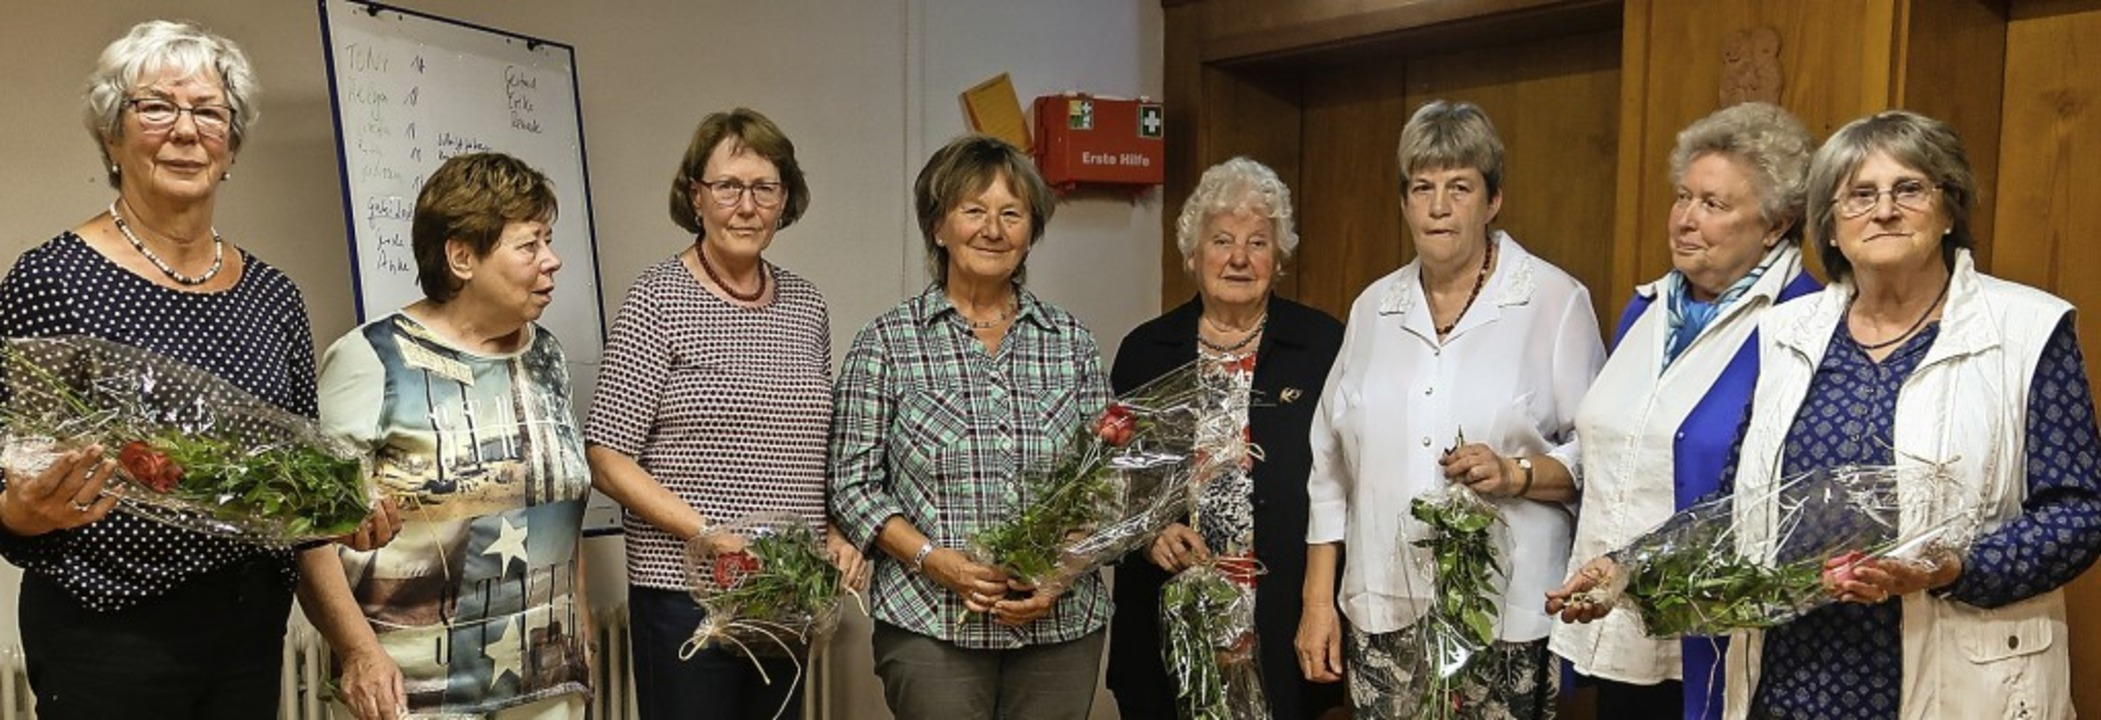 Der Frauenkreis der katholischen Gemei...trud Neckermann (Zweite von rechts).    | Foto: Gudrun Eisele